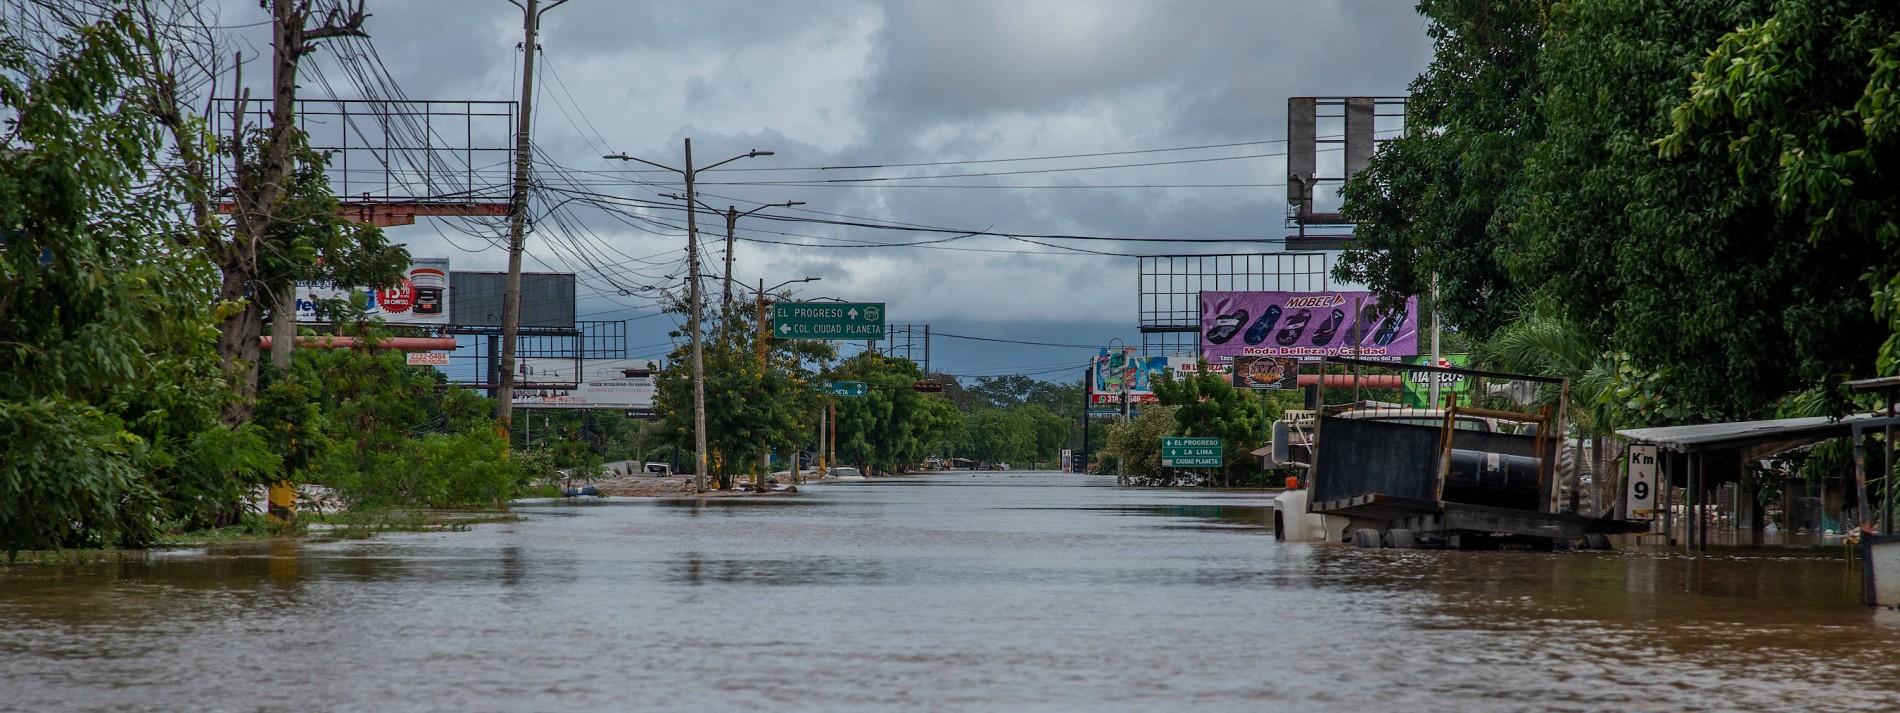 Ganze Landstriche stehen unter Wasser